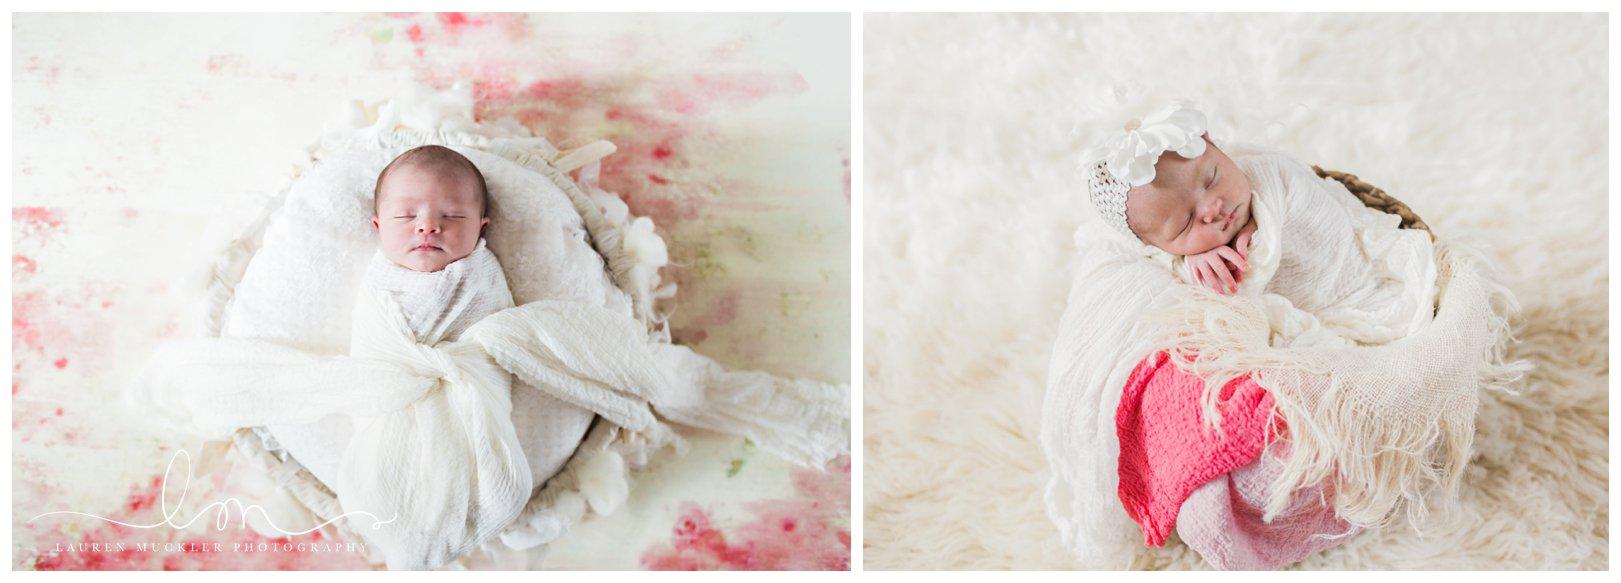 lauren muckler photography_fine art film wedding photography_st louis_photography_0571.jpg